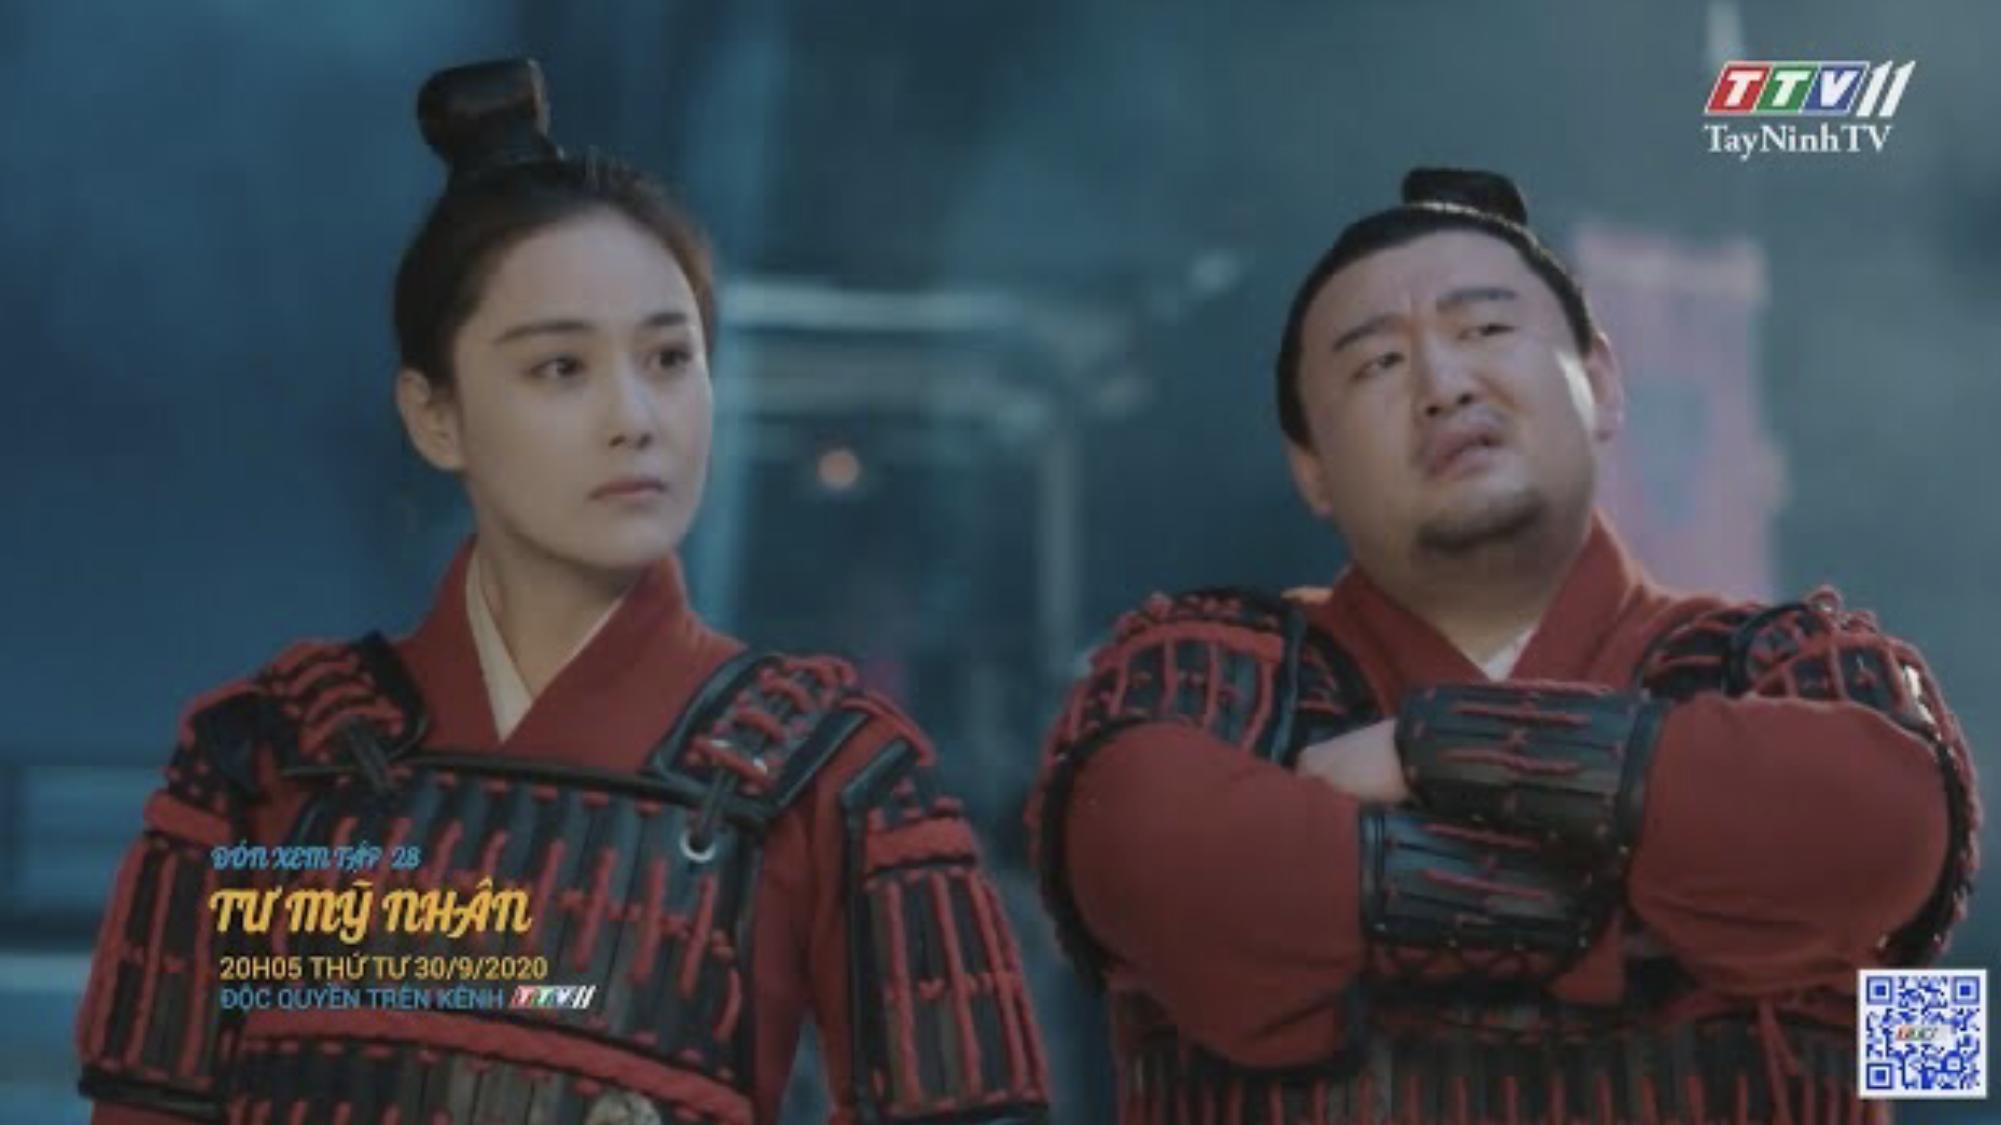 Tư mỹ nhân-TẬP 28 trailer | PHIM TƯ MỸ NHÂN | TayNinhTV